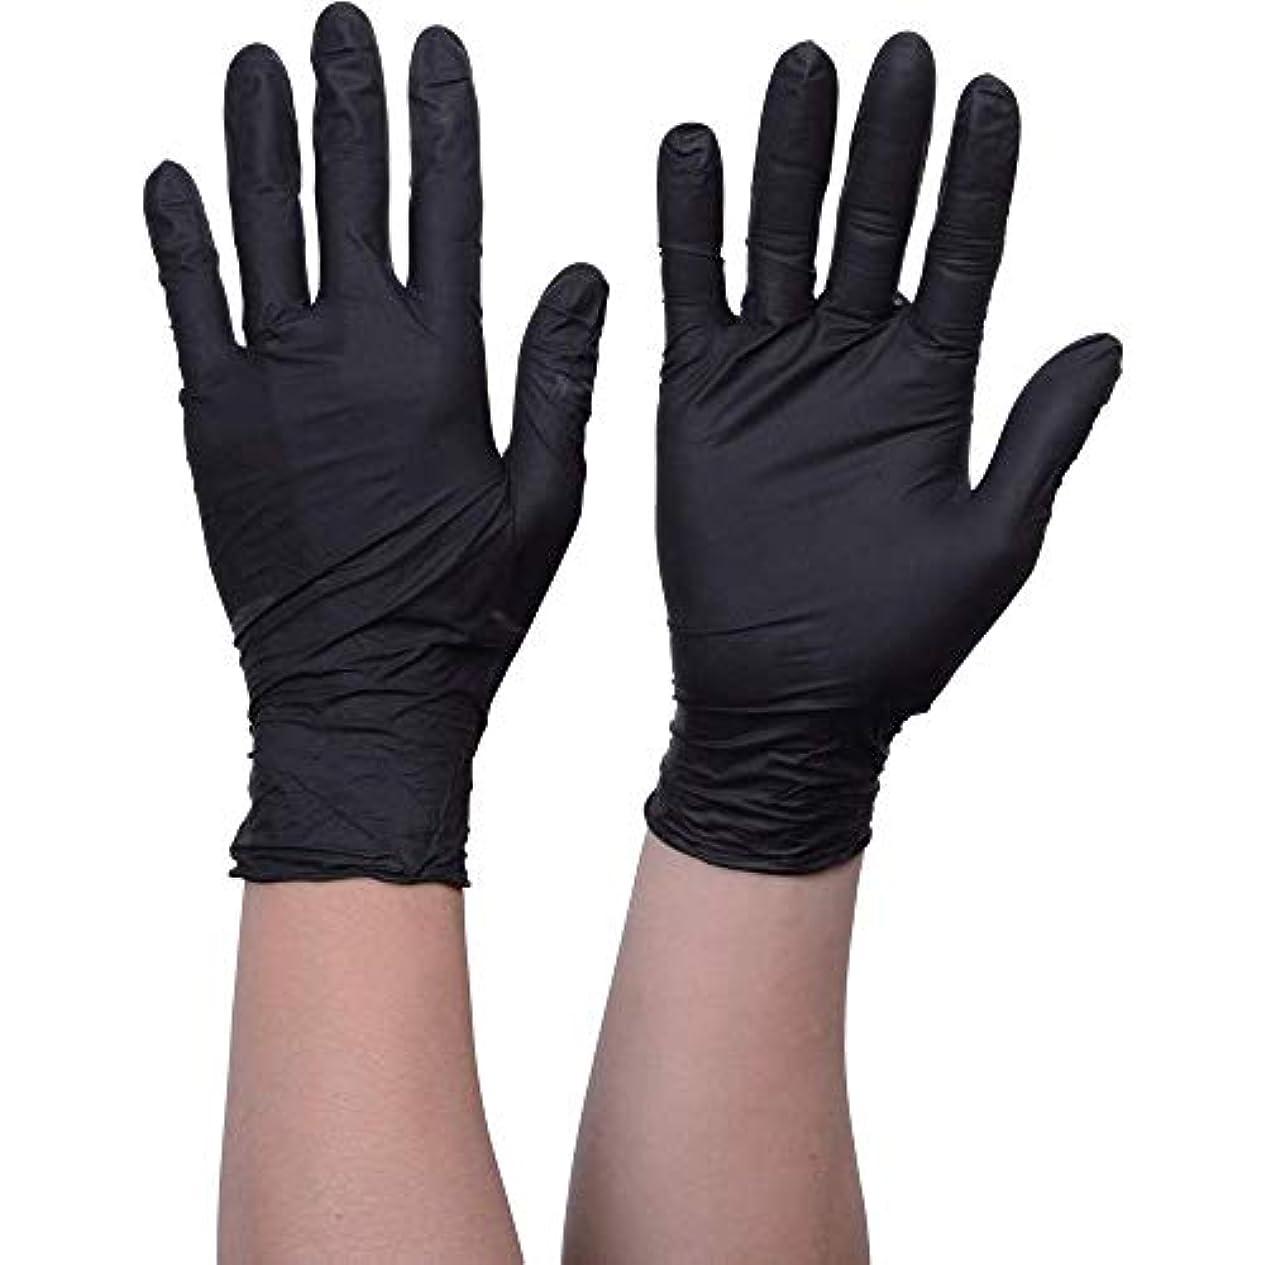 連続的最も遠い荒廃するニトリル手袋 使い捨て手袋防水耐油耐久性が強い上に軽く高品質ブラック100枚入